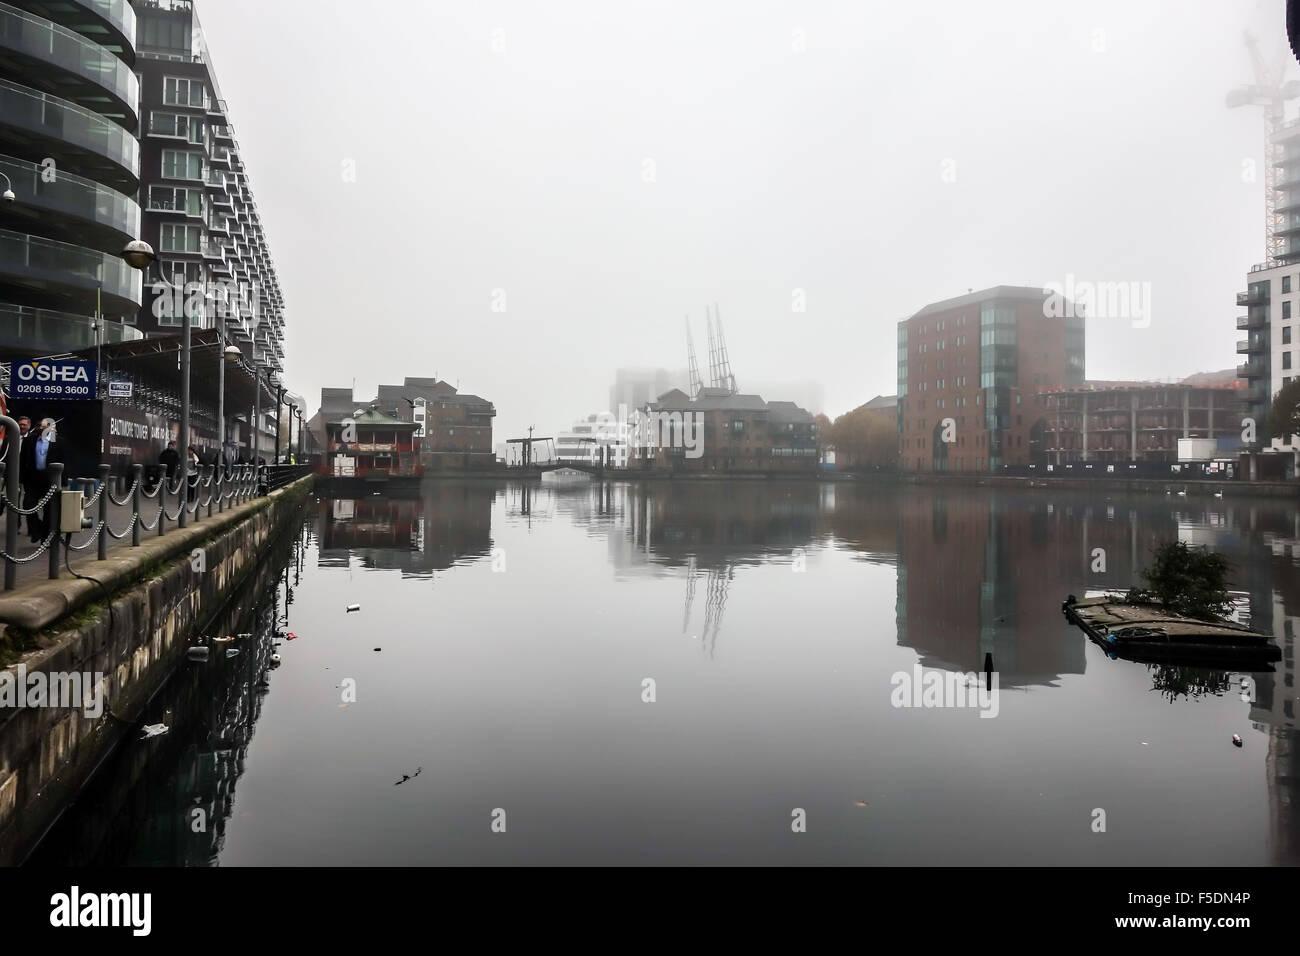 London, England. 2nd November, 2015. The dense fog around Millwall Inner Dock in the morning. - Stock Image